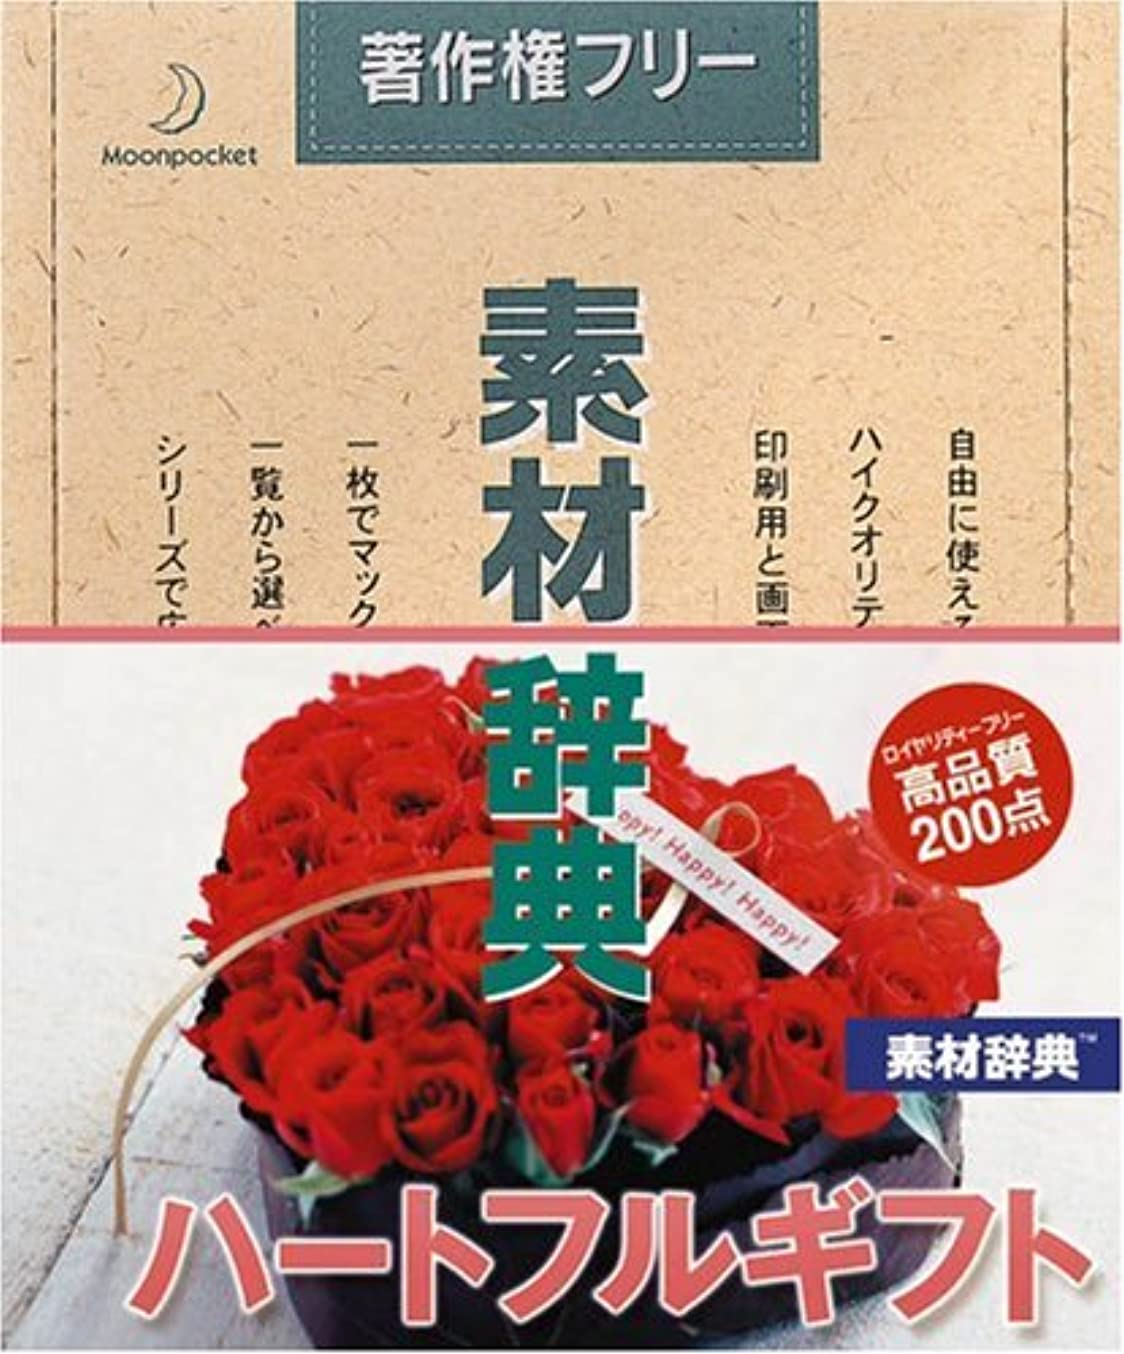 アデレード刃電報素材辞典 Vol.128 ハートフルギフト編